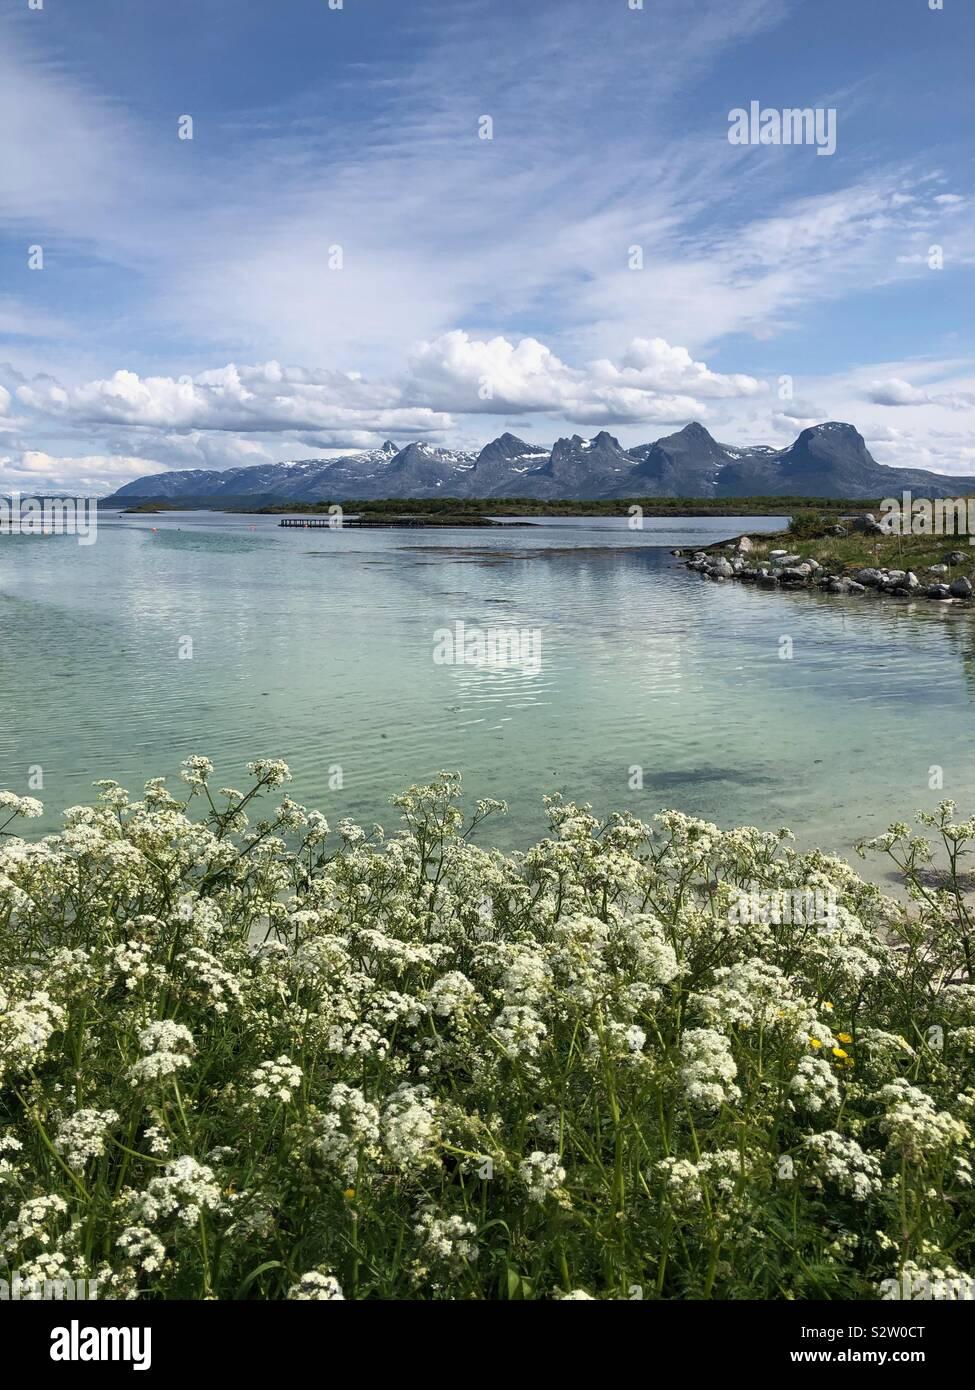 Die sieben Schwestern Bergkette an Heroy Island, Norwegen. Stockfoto